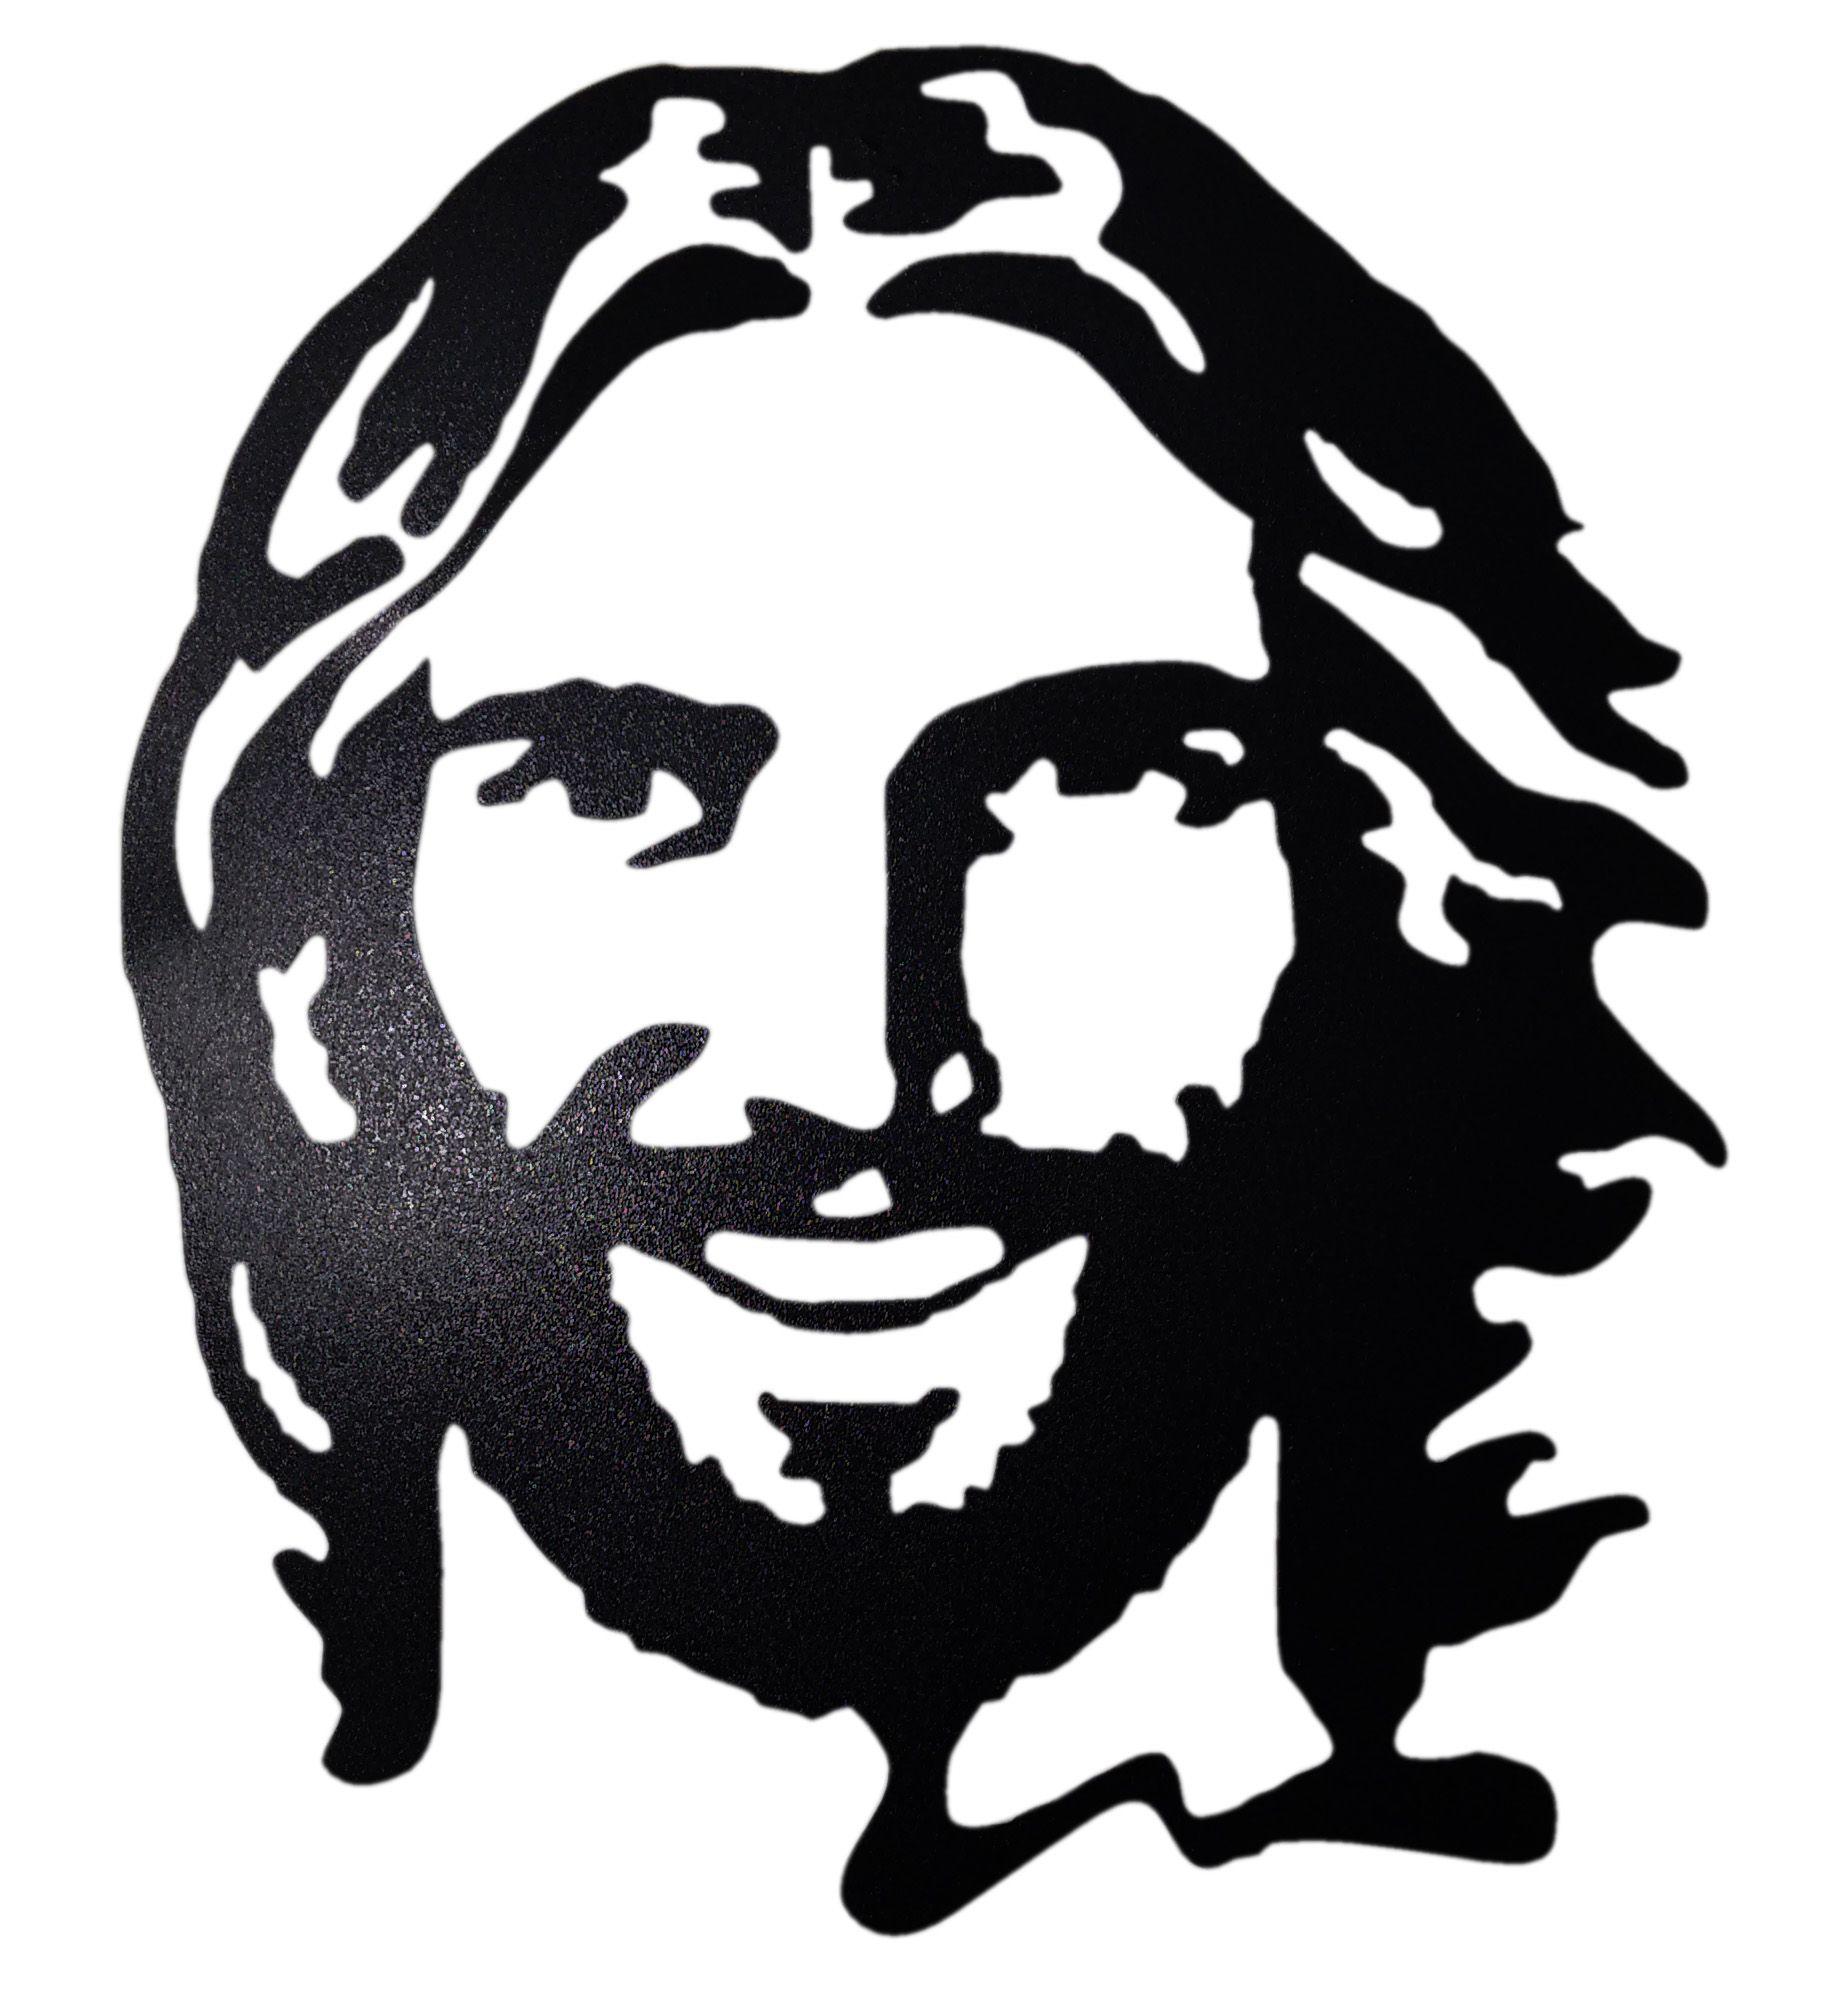 Cristo jesus dios religion catolicos svg clipart vector freeuse download Rostro Jesus Sonriente | Pixeles | Rostro de jesús, Blanco y negro y ... vector freeuse download